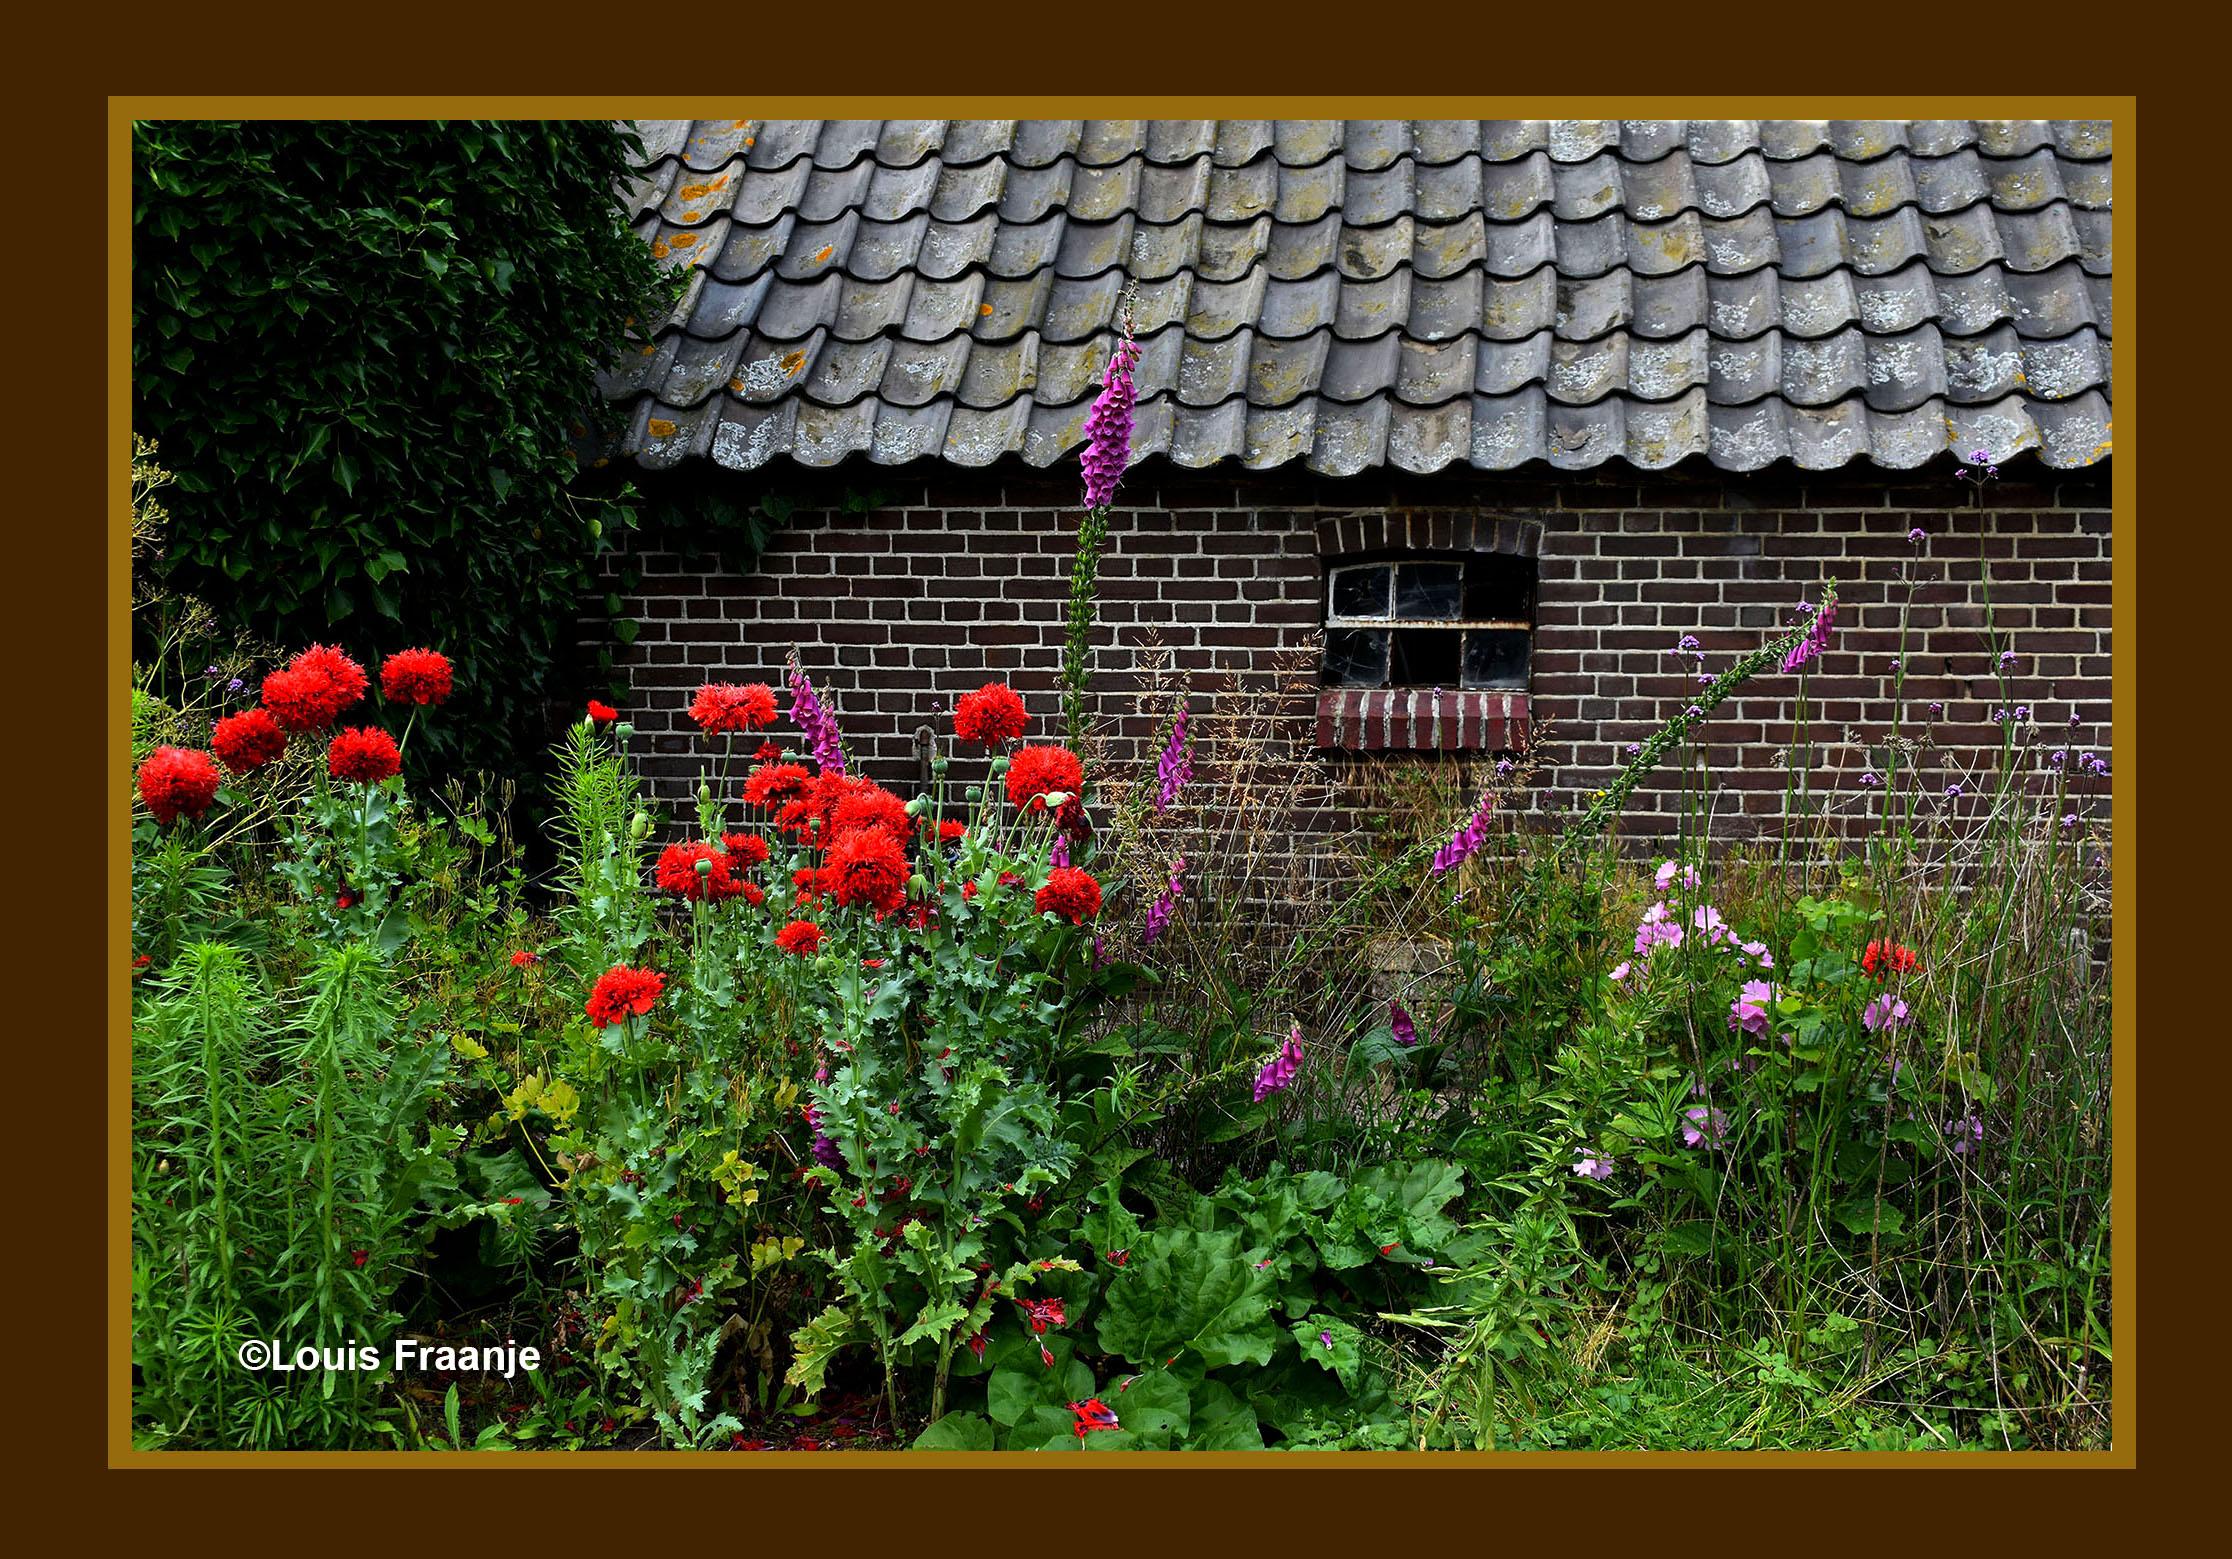 Kleurrijk stilleven ergens in een hoekje op het Veluwse platteland - Foto: ©Louis Fraanje